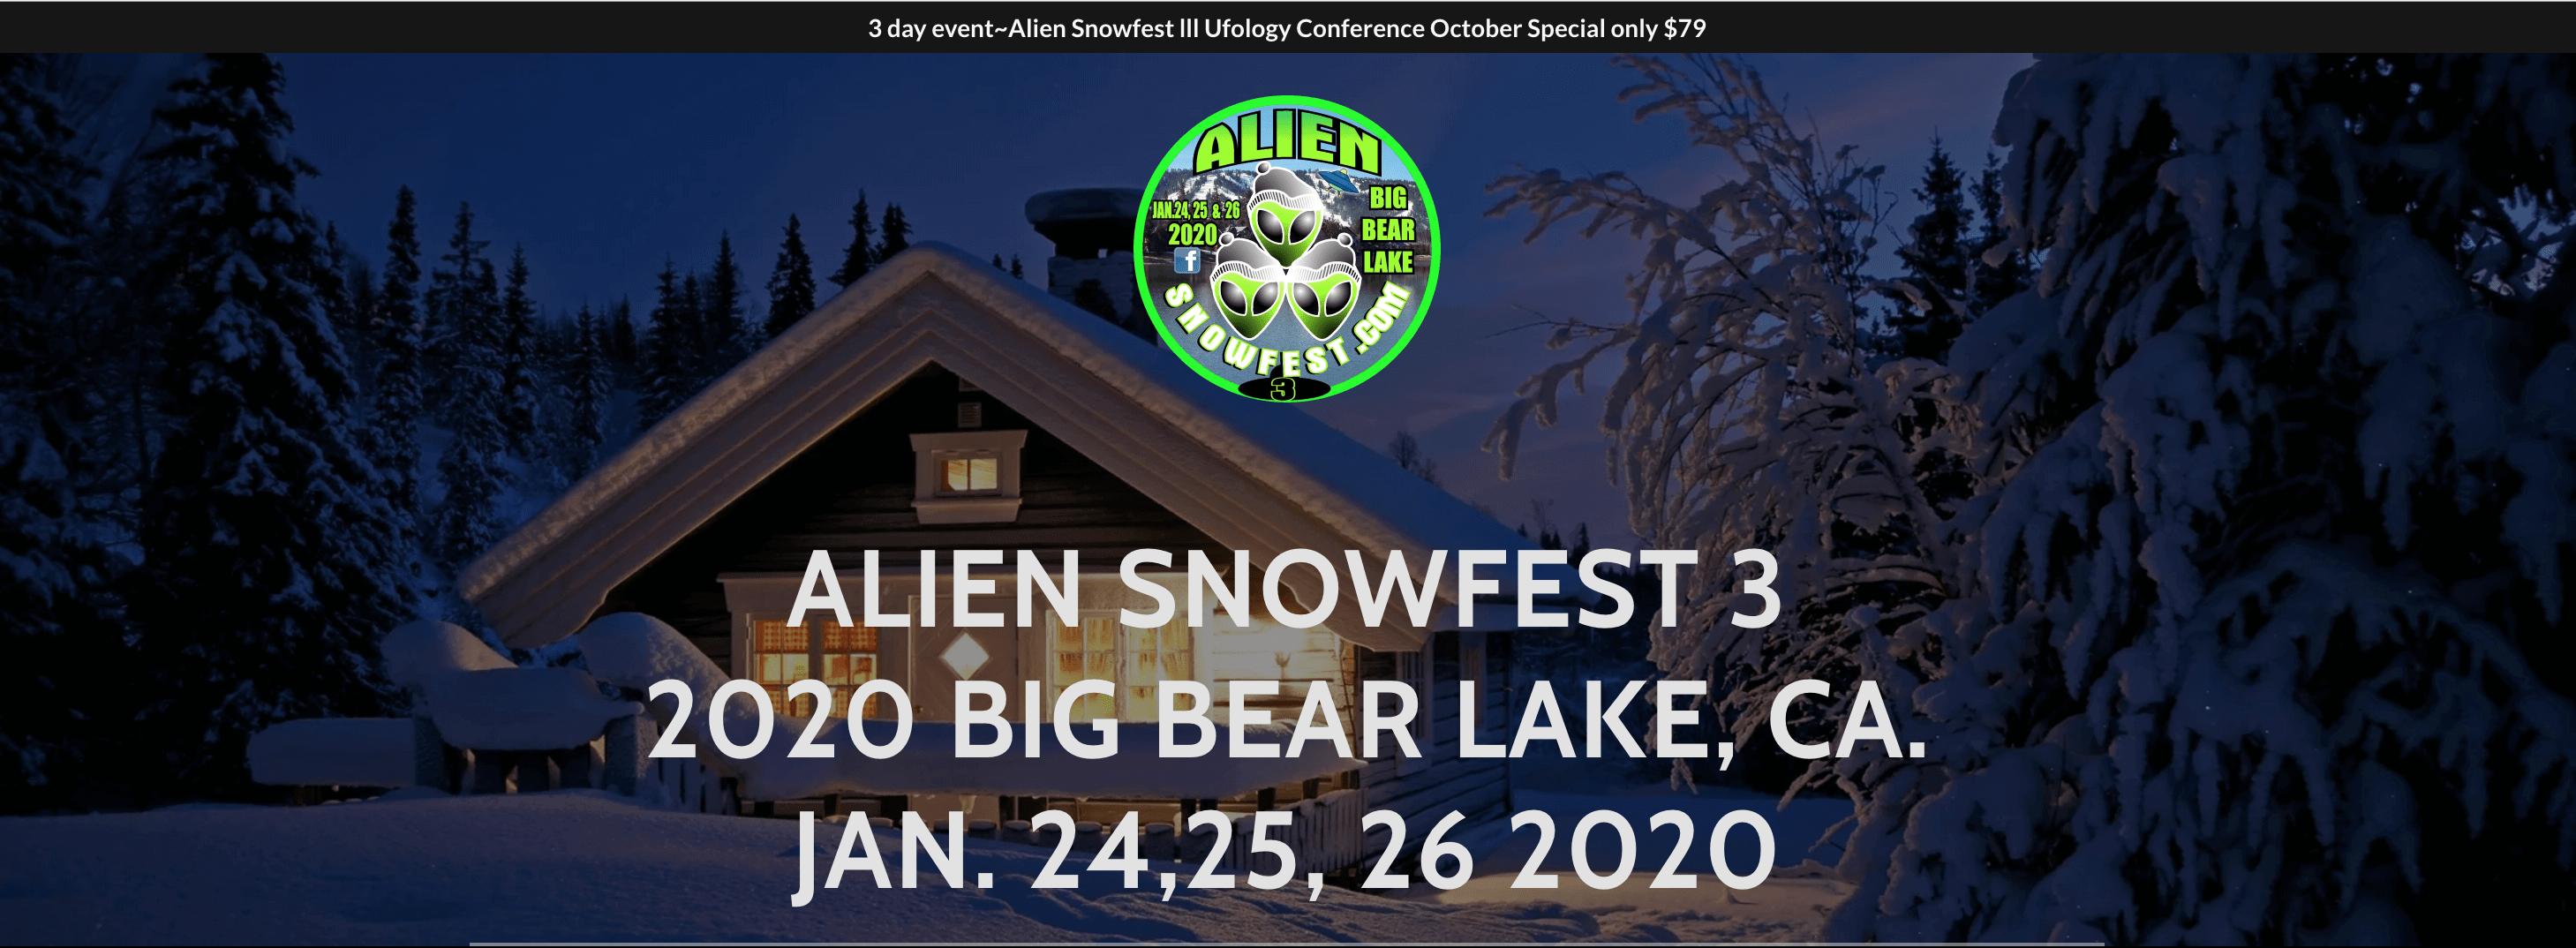 Alien Snowfest 3